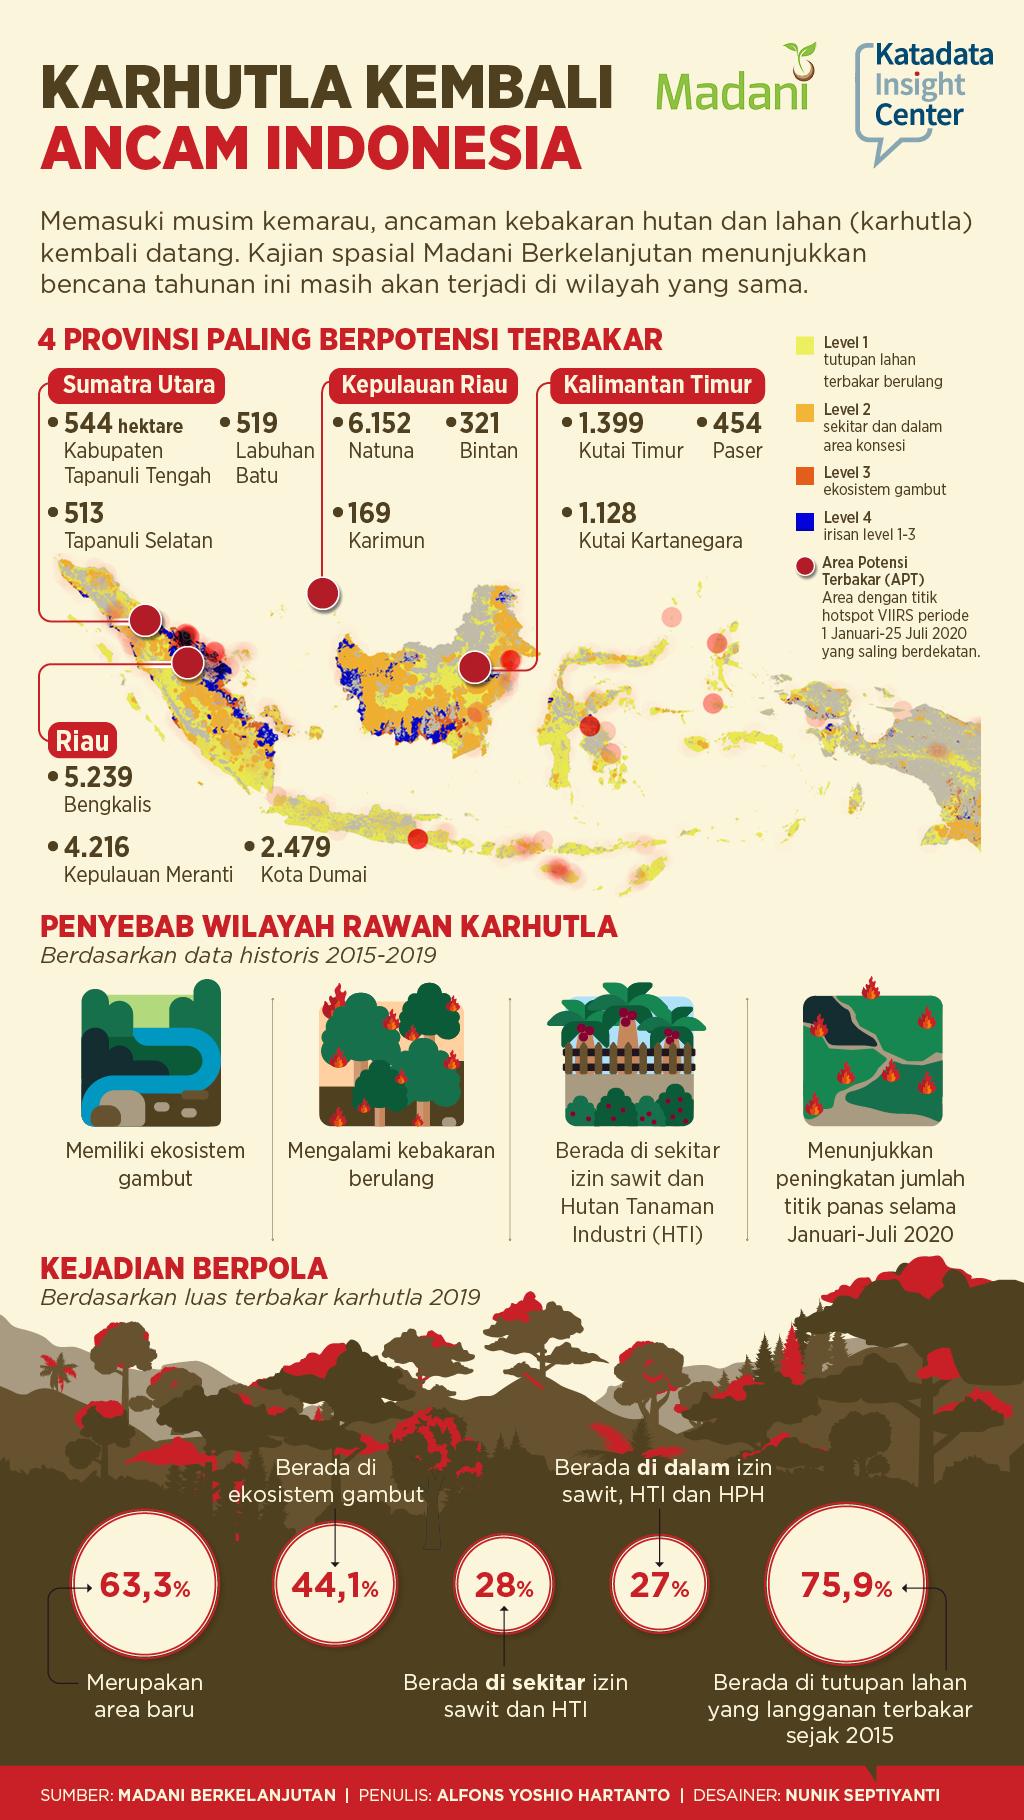 Karhutla Kembali Ancam Indonesia_rev